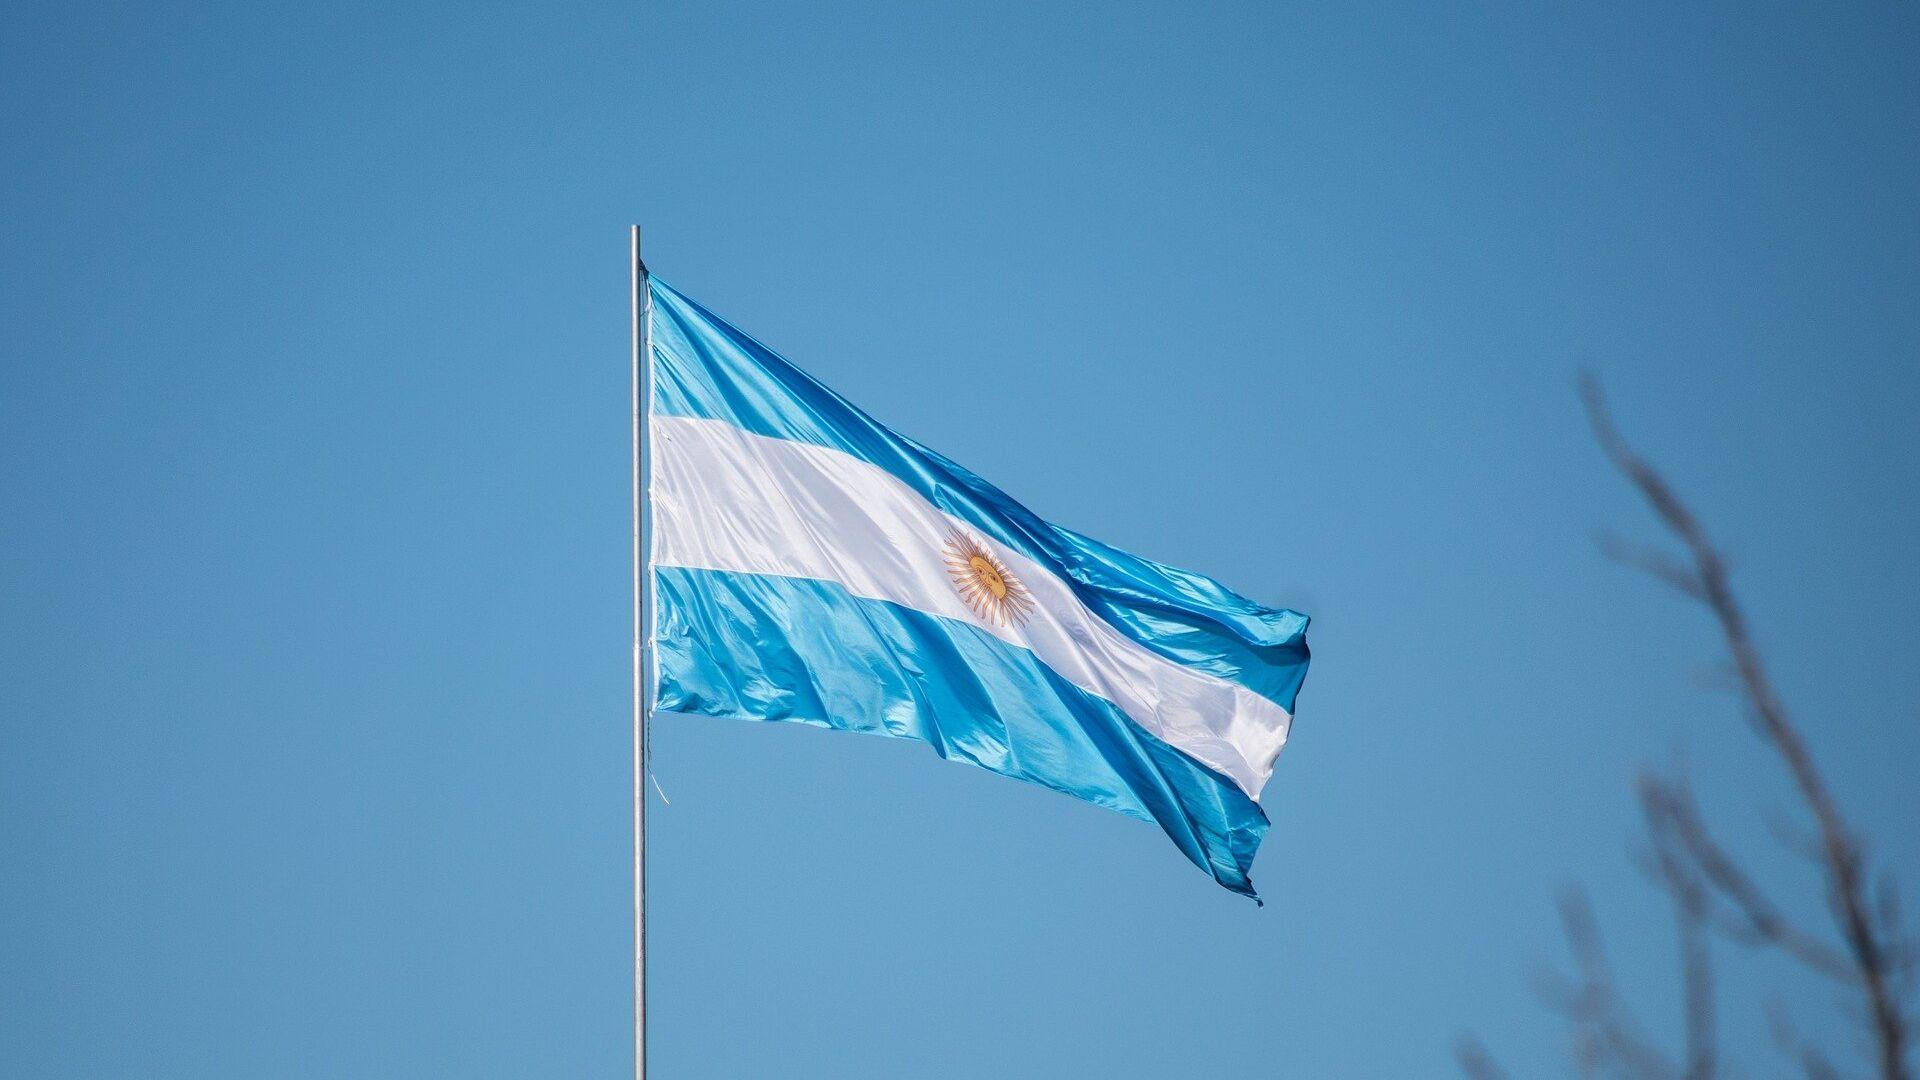 La bandera de Argentina - Sputnik Mundo, 1920, 31.07.2021